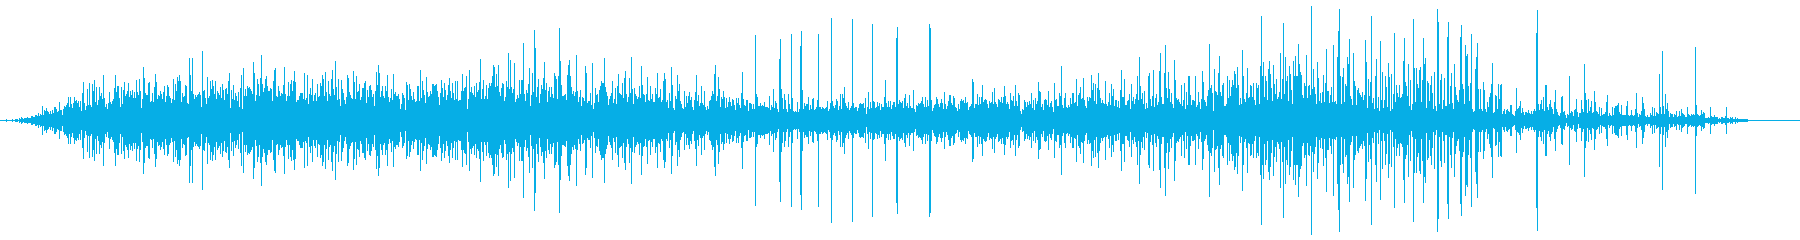 ジュー(熱いものが当たった音)の再生済みの波形